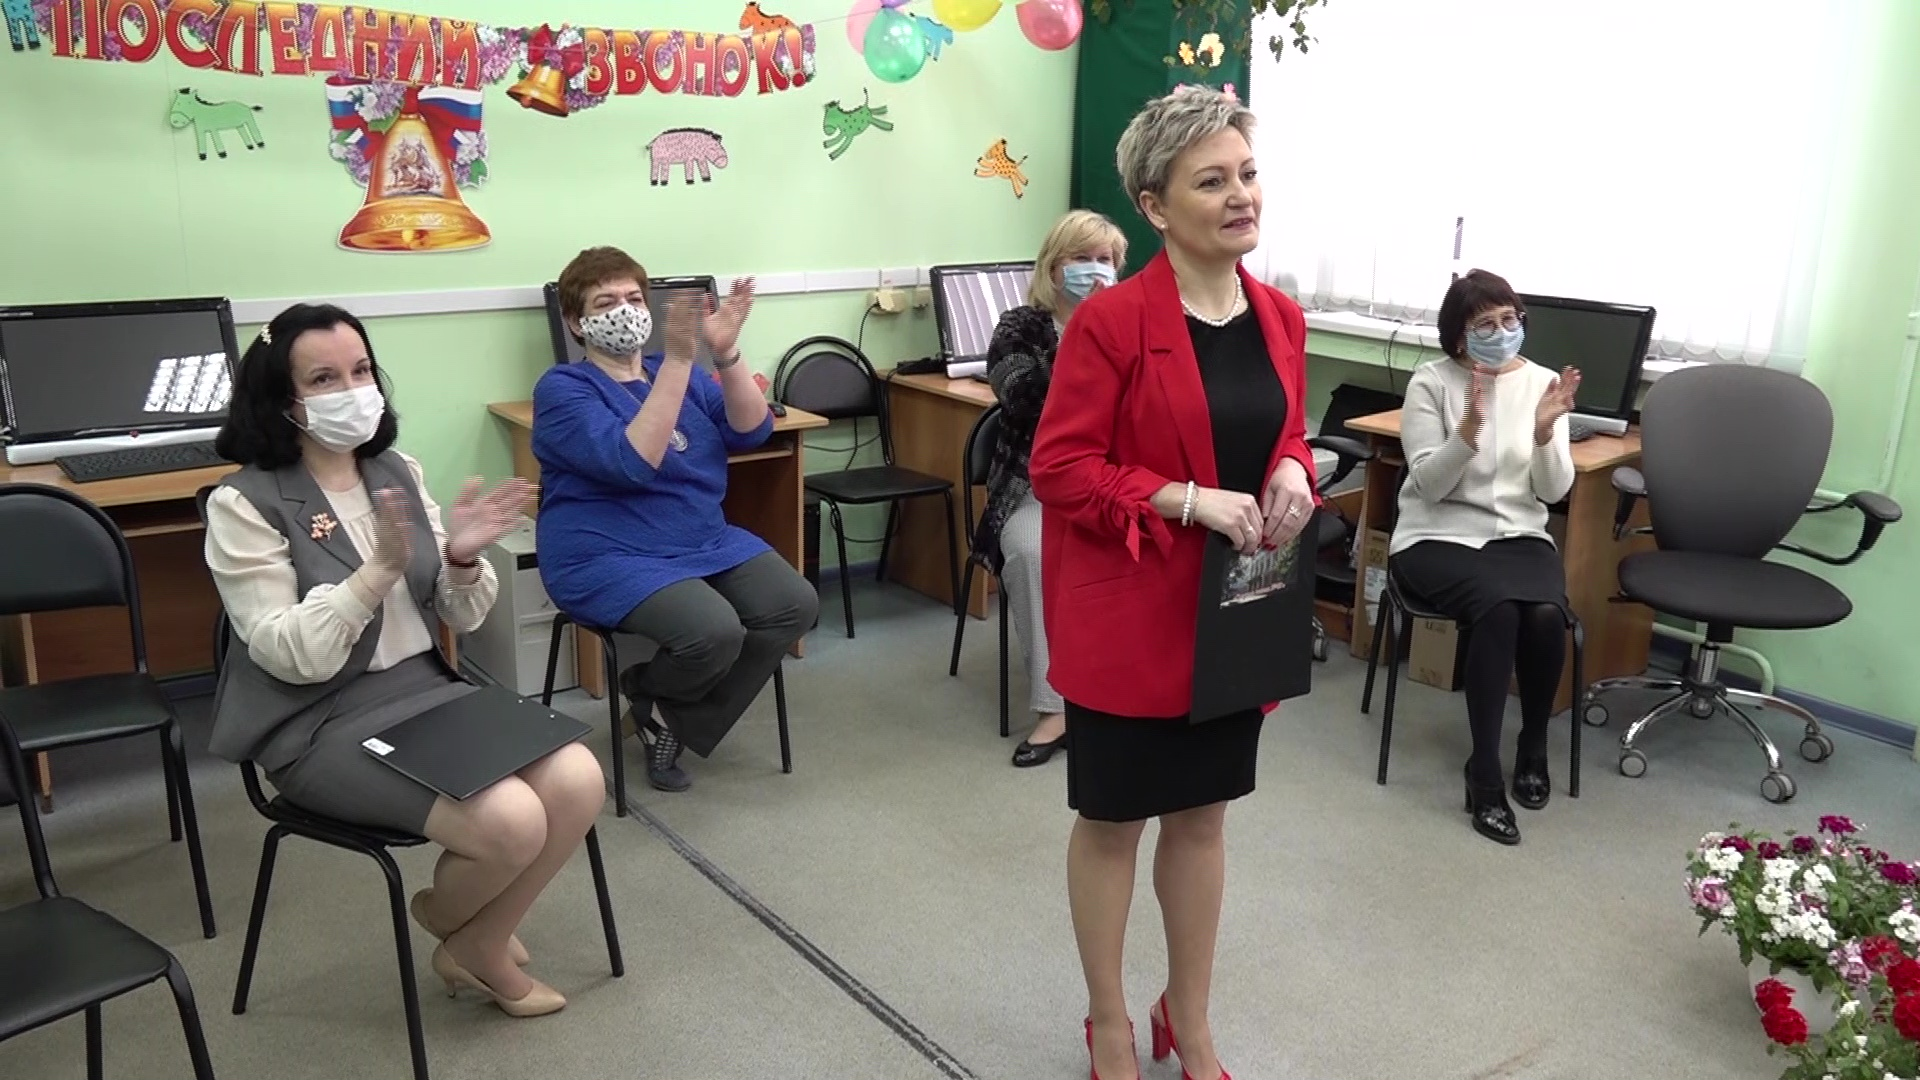 Выпускники ярославской школы услышали последний звонок с экрана монитора